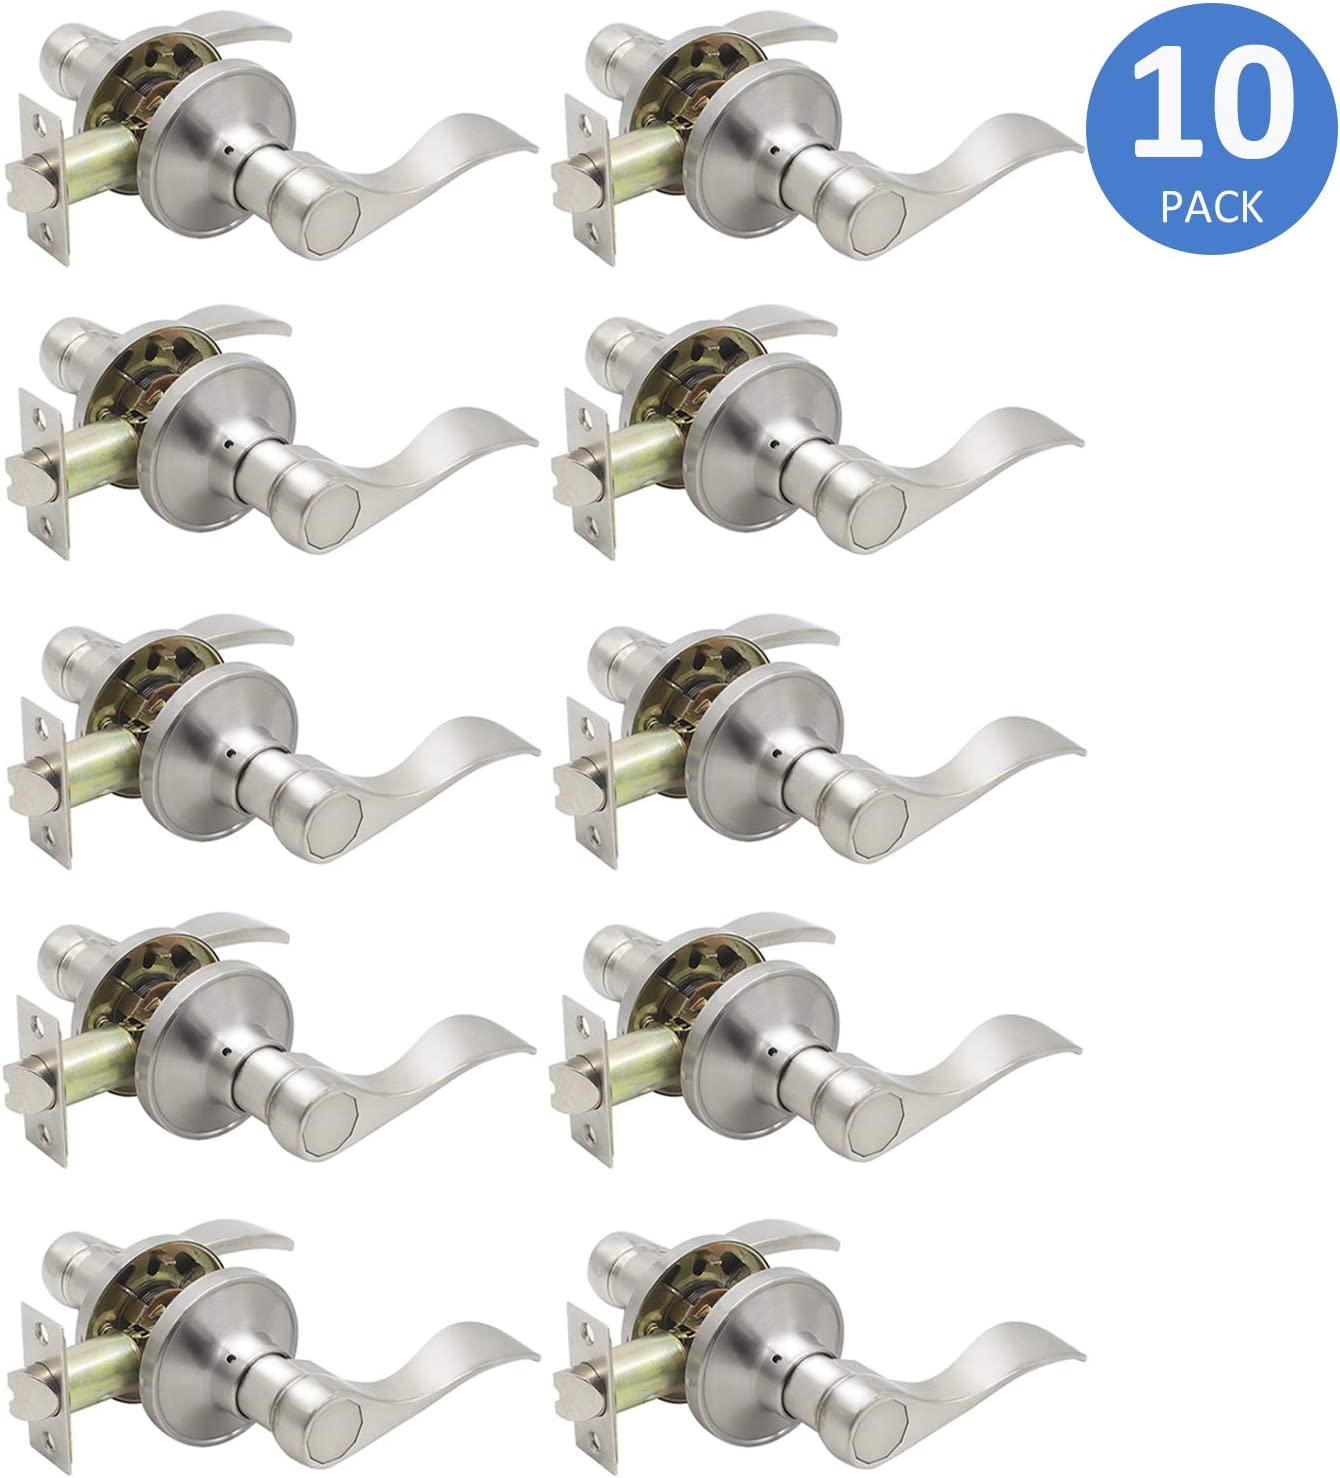 Lot of 10 Satin Nickel Door passage lever handle Locks closet hallway Brushed